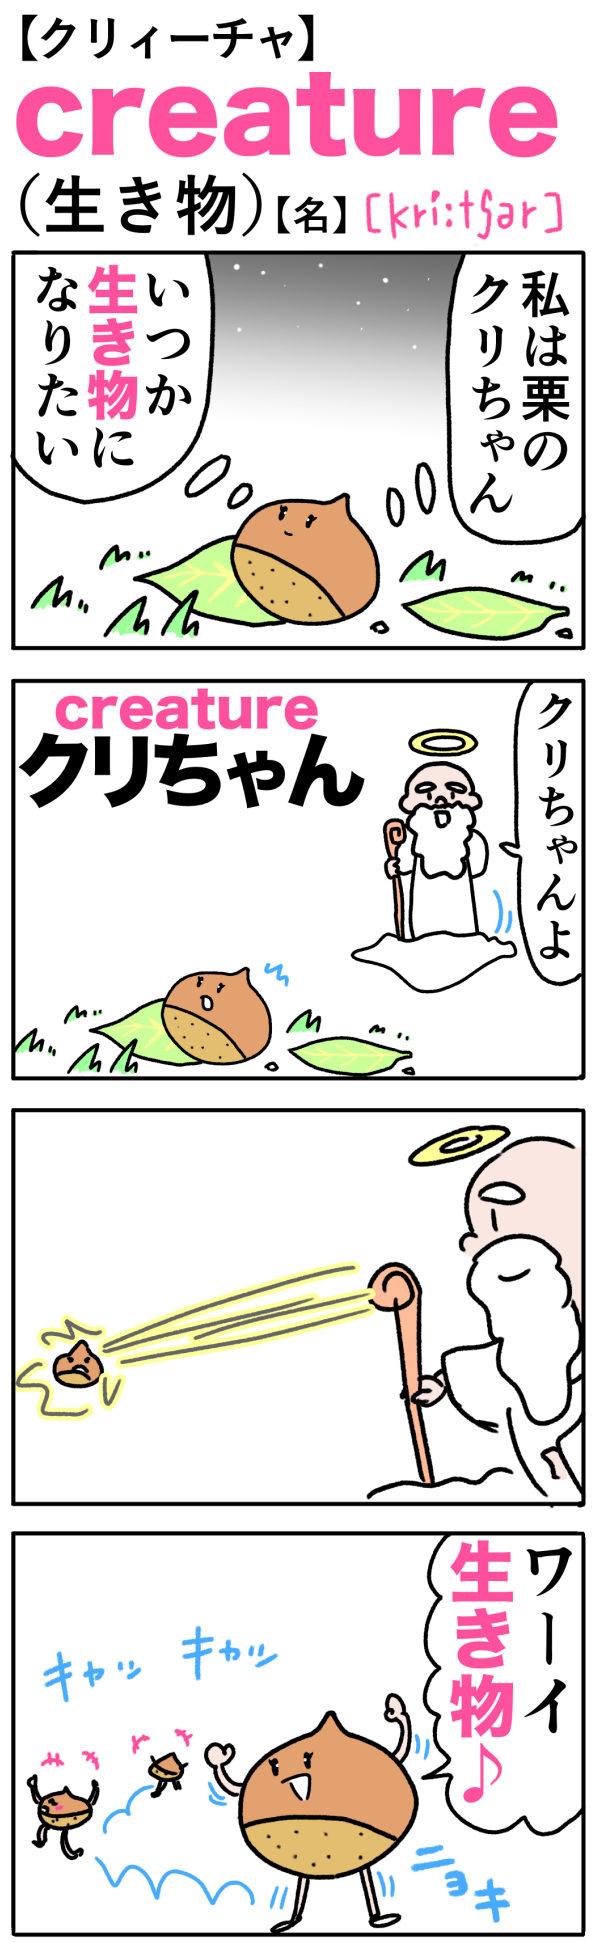 creature(生き物)の語呂合わせ英単語